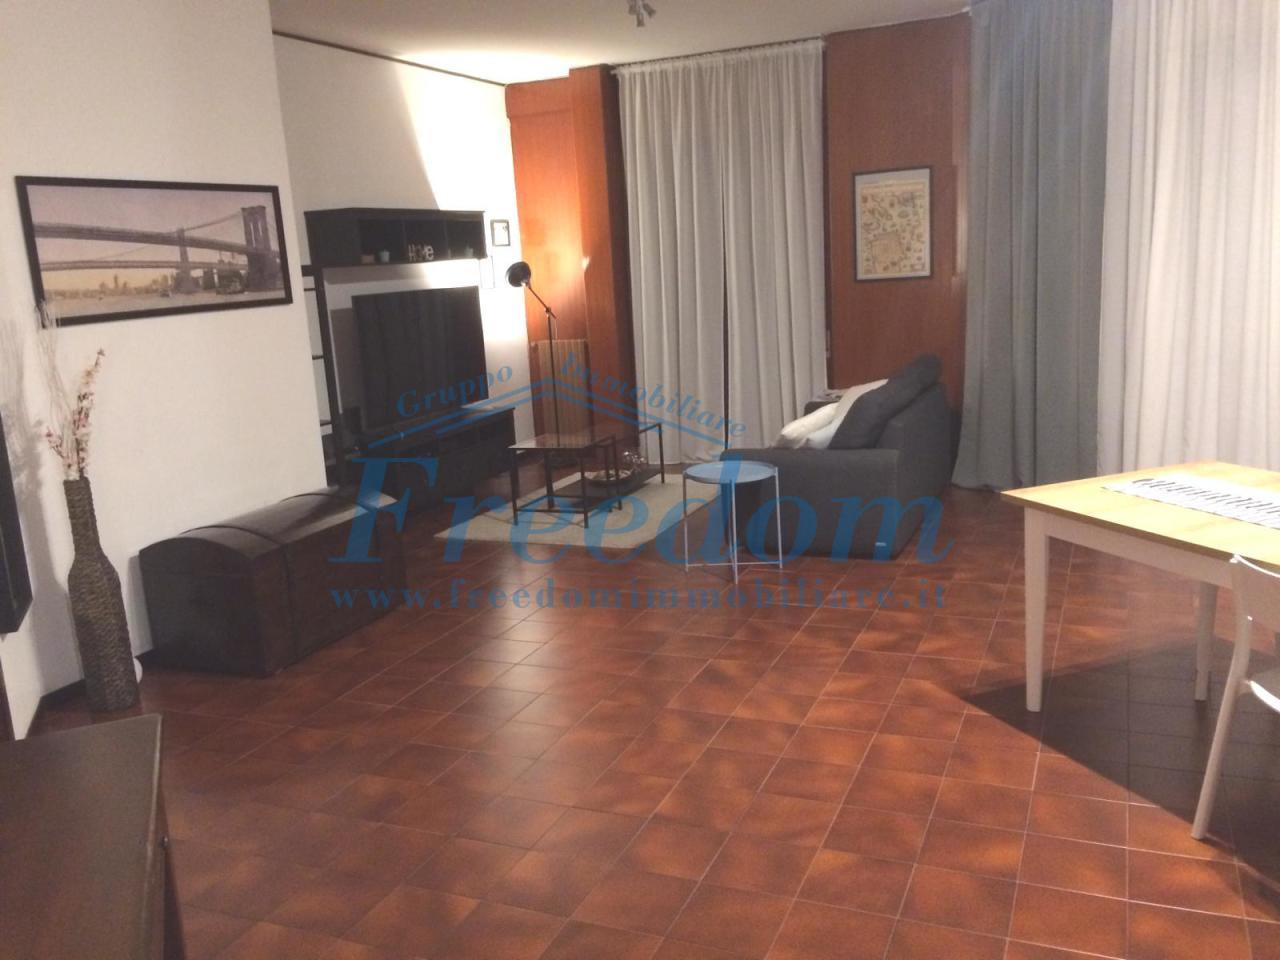 Appartamento in vendita a Sant'agata Li Battiati (CT)